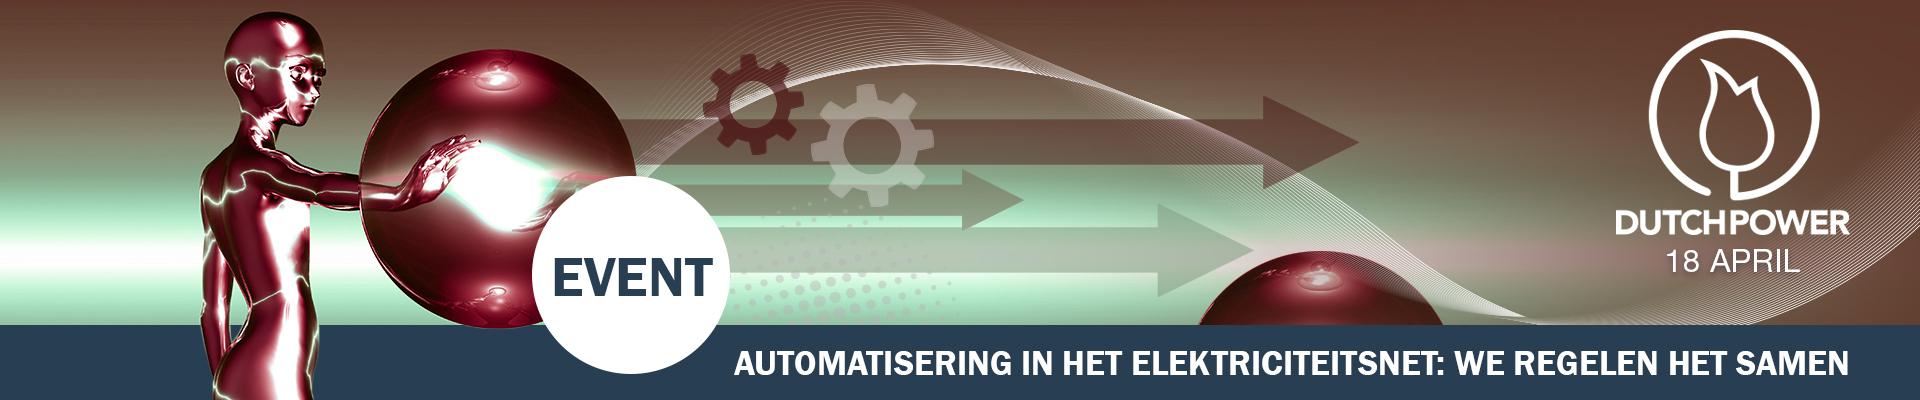 Automatisering als middel voor netbeheer